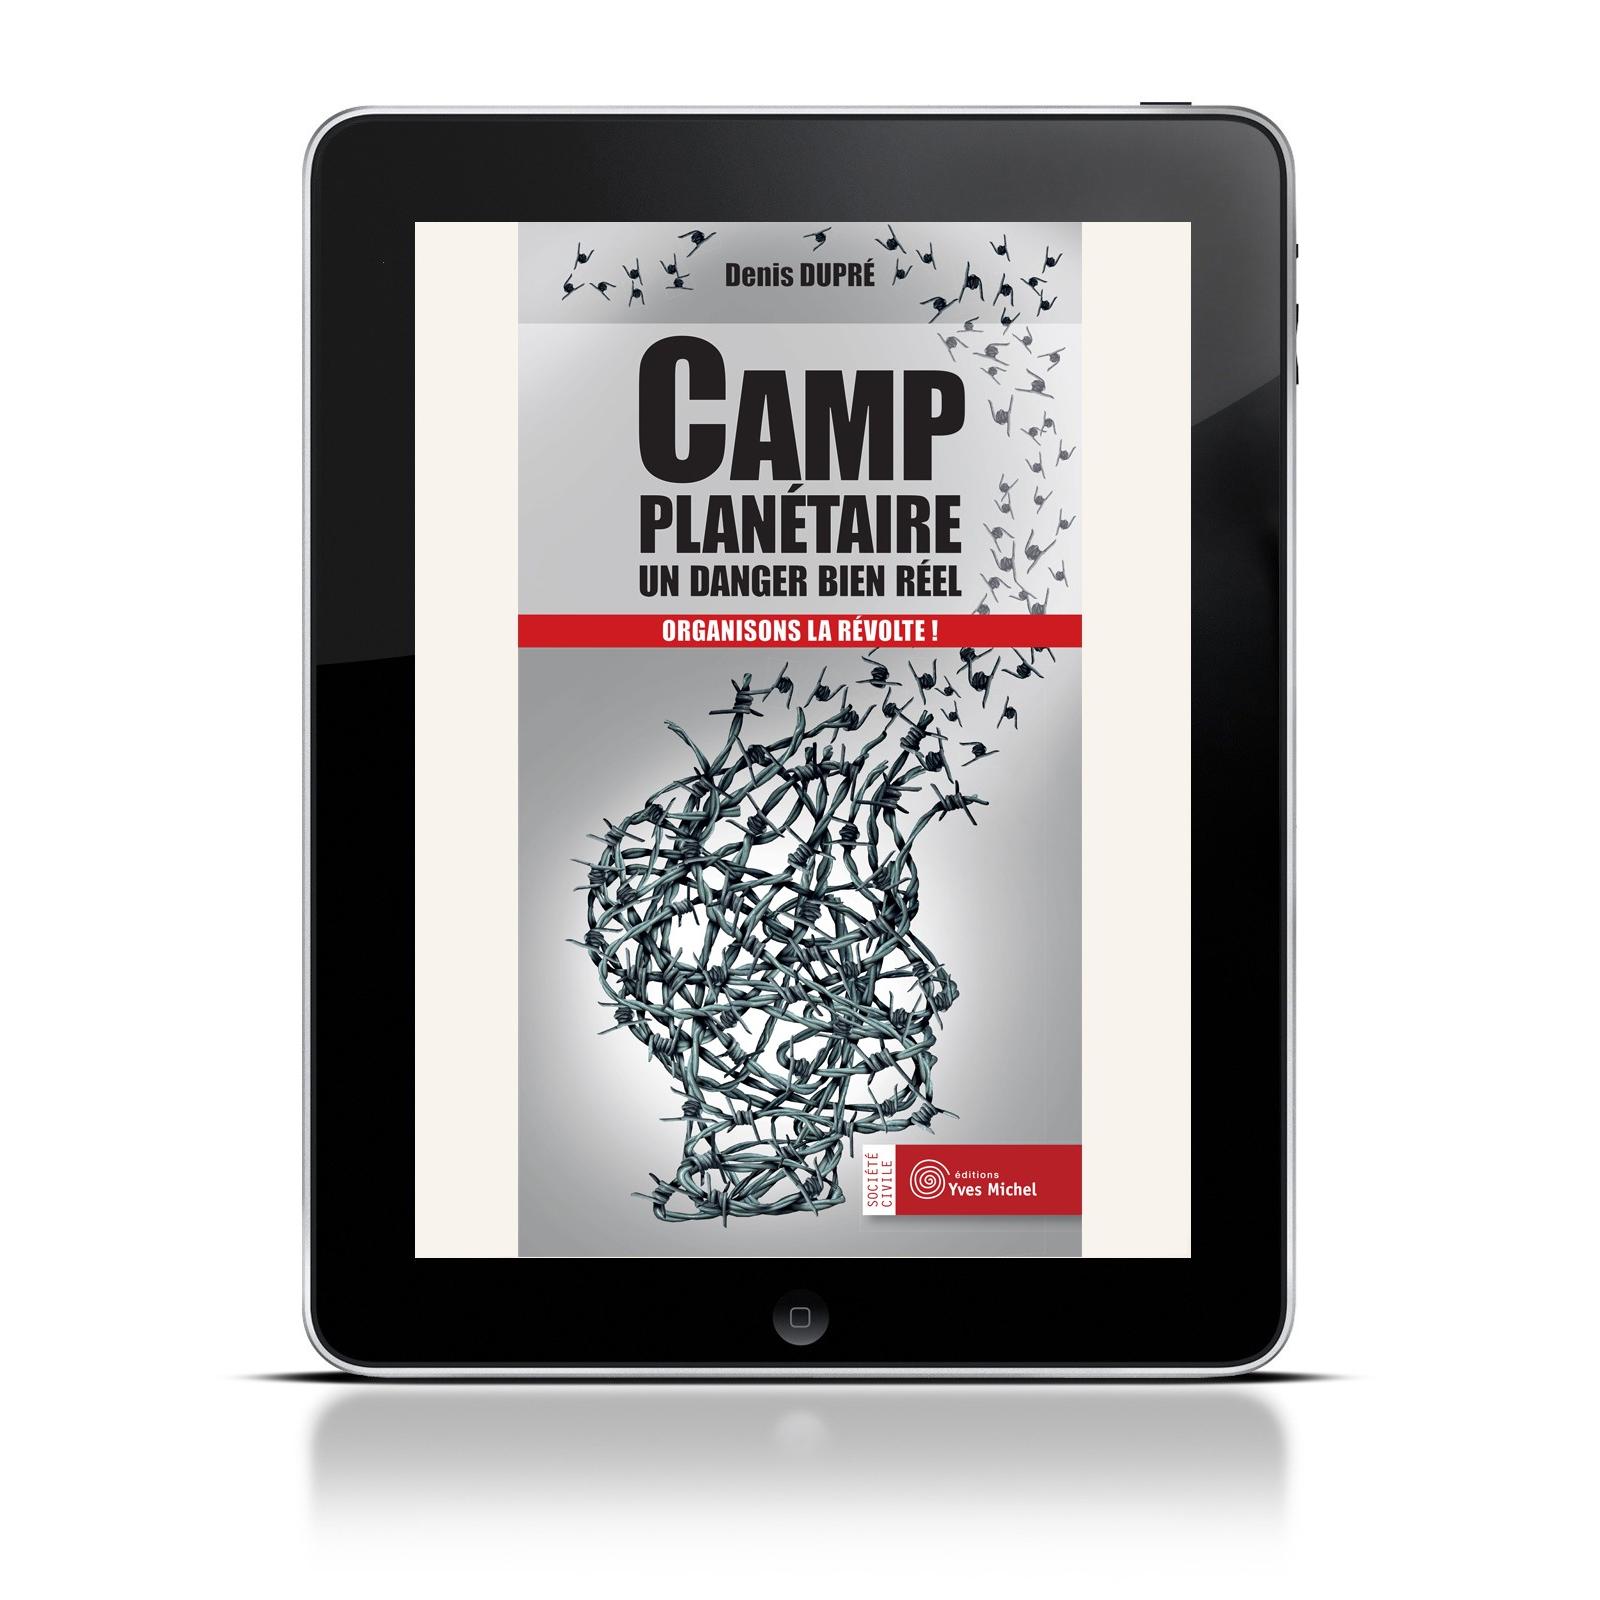 Camp planétaire : un danger bien réel (Ebook)